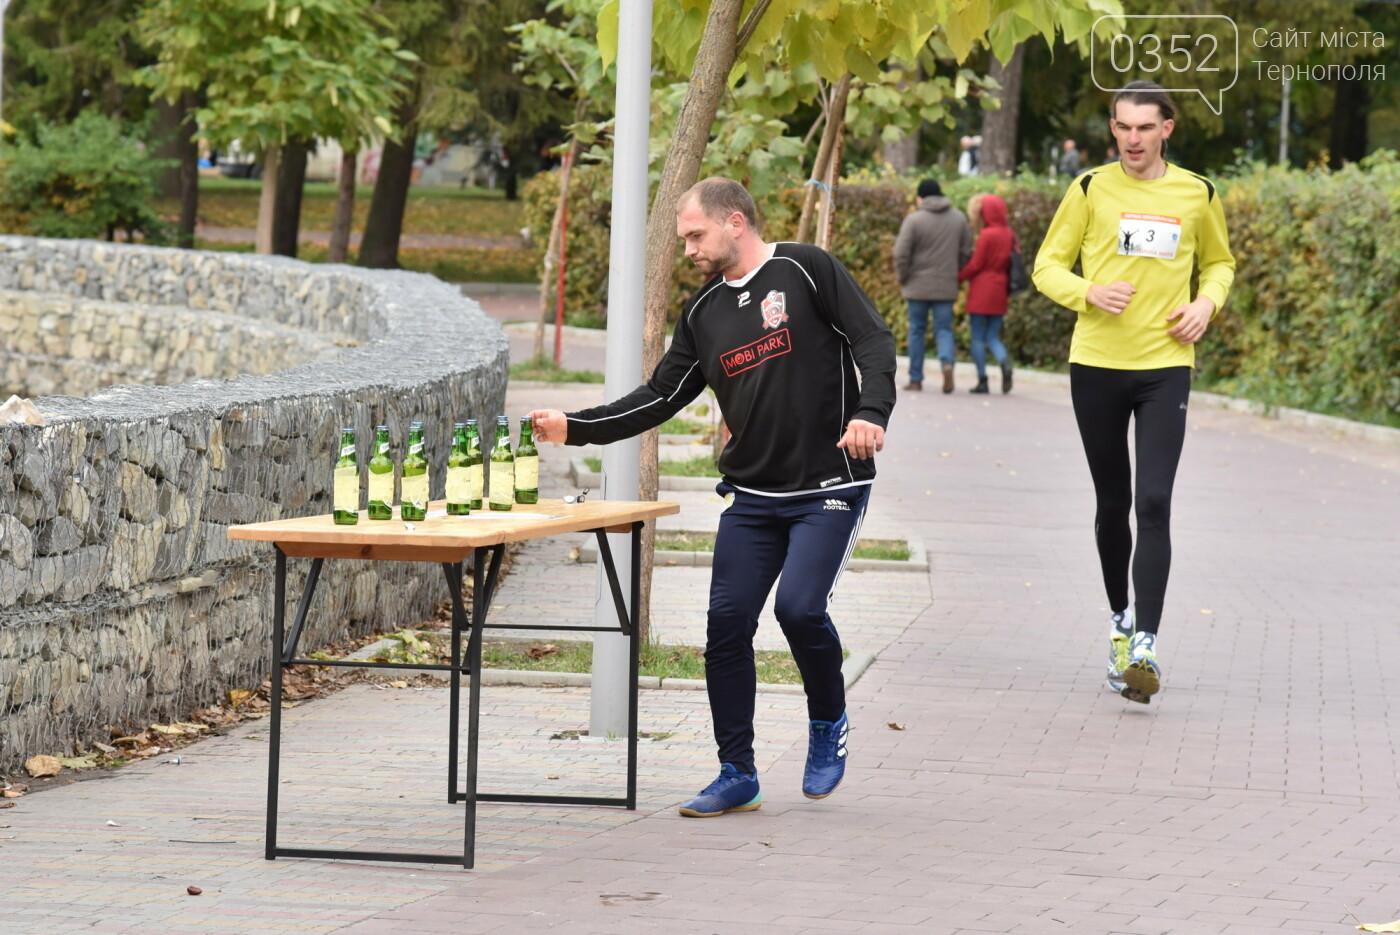 У Тернополі на «Пивній милі», де треба було пити пиво під час бігу, фінішувати вдалося не всім (Фоторепортаж), фото-5